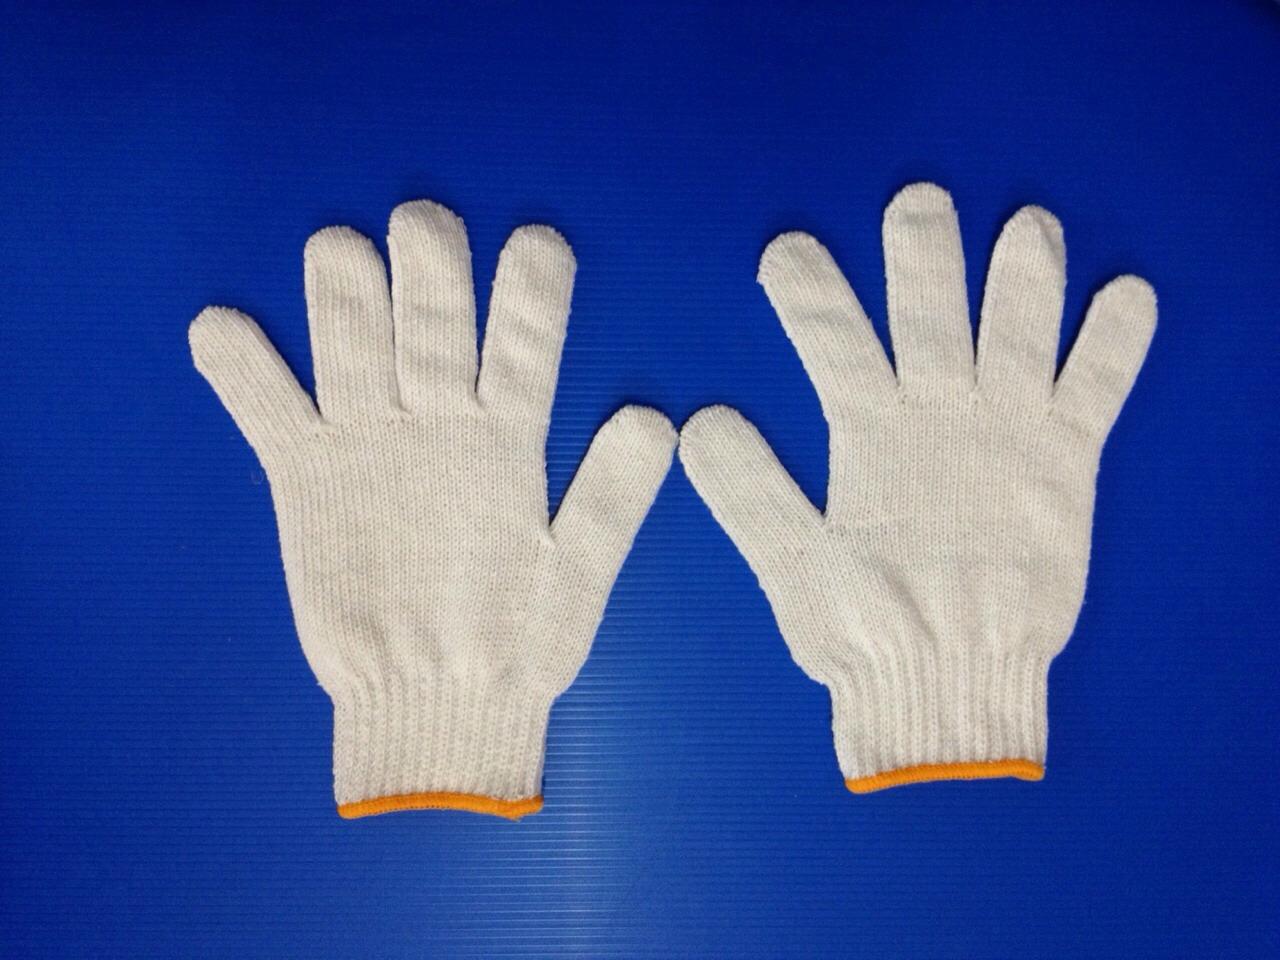 ถุงมือผ้าฝ้ายภาคตะวันออก